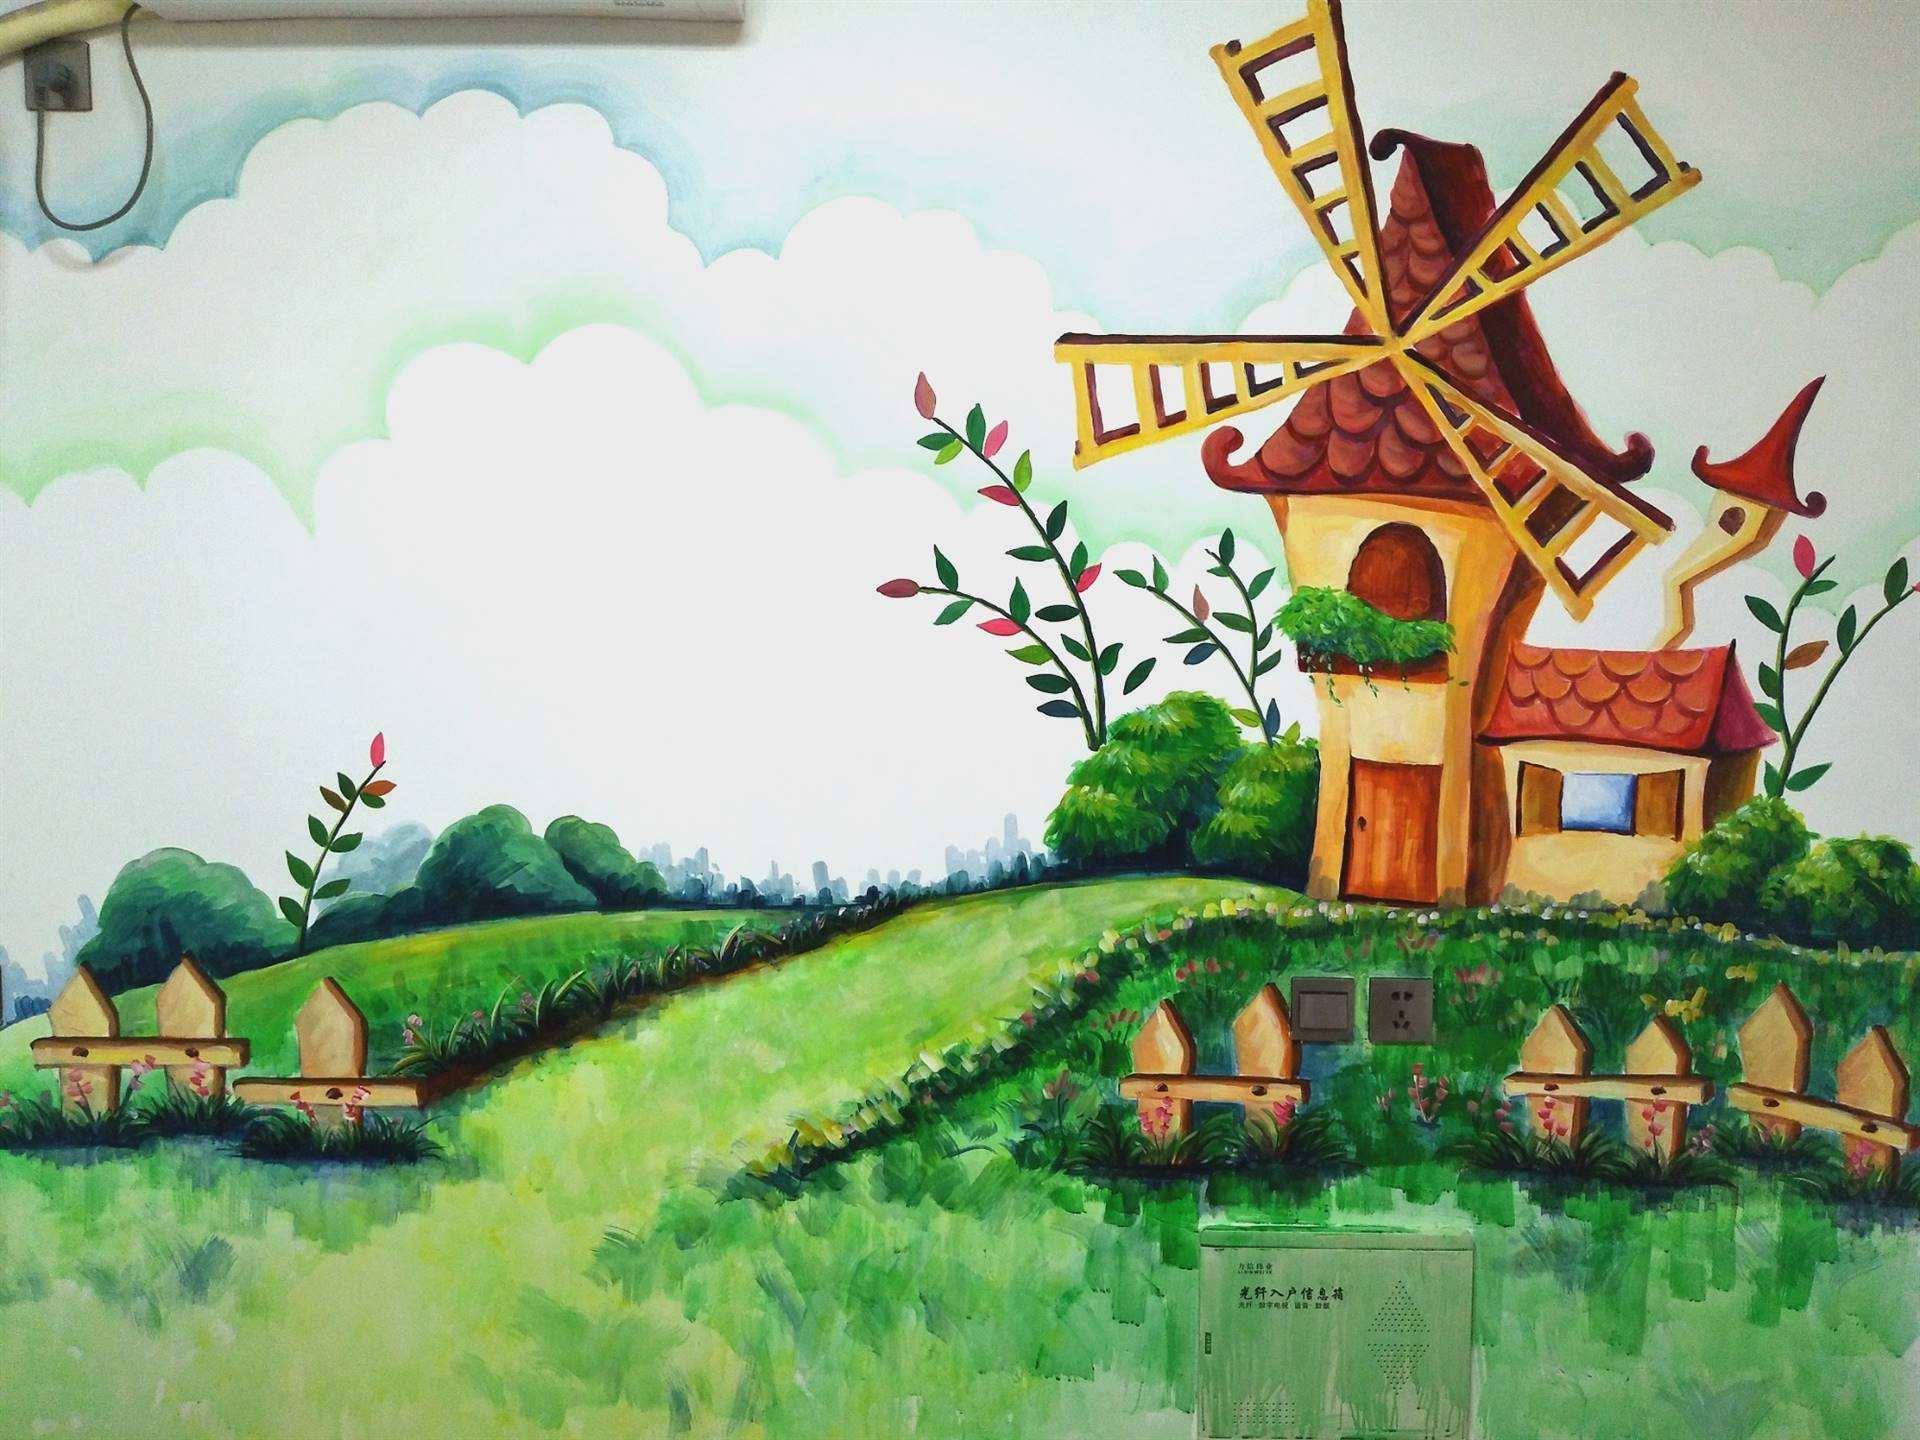 南昌墙画彩绘,南昌墙体绘画公司,南昌新农村墙体彩绘